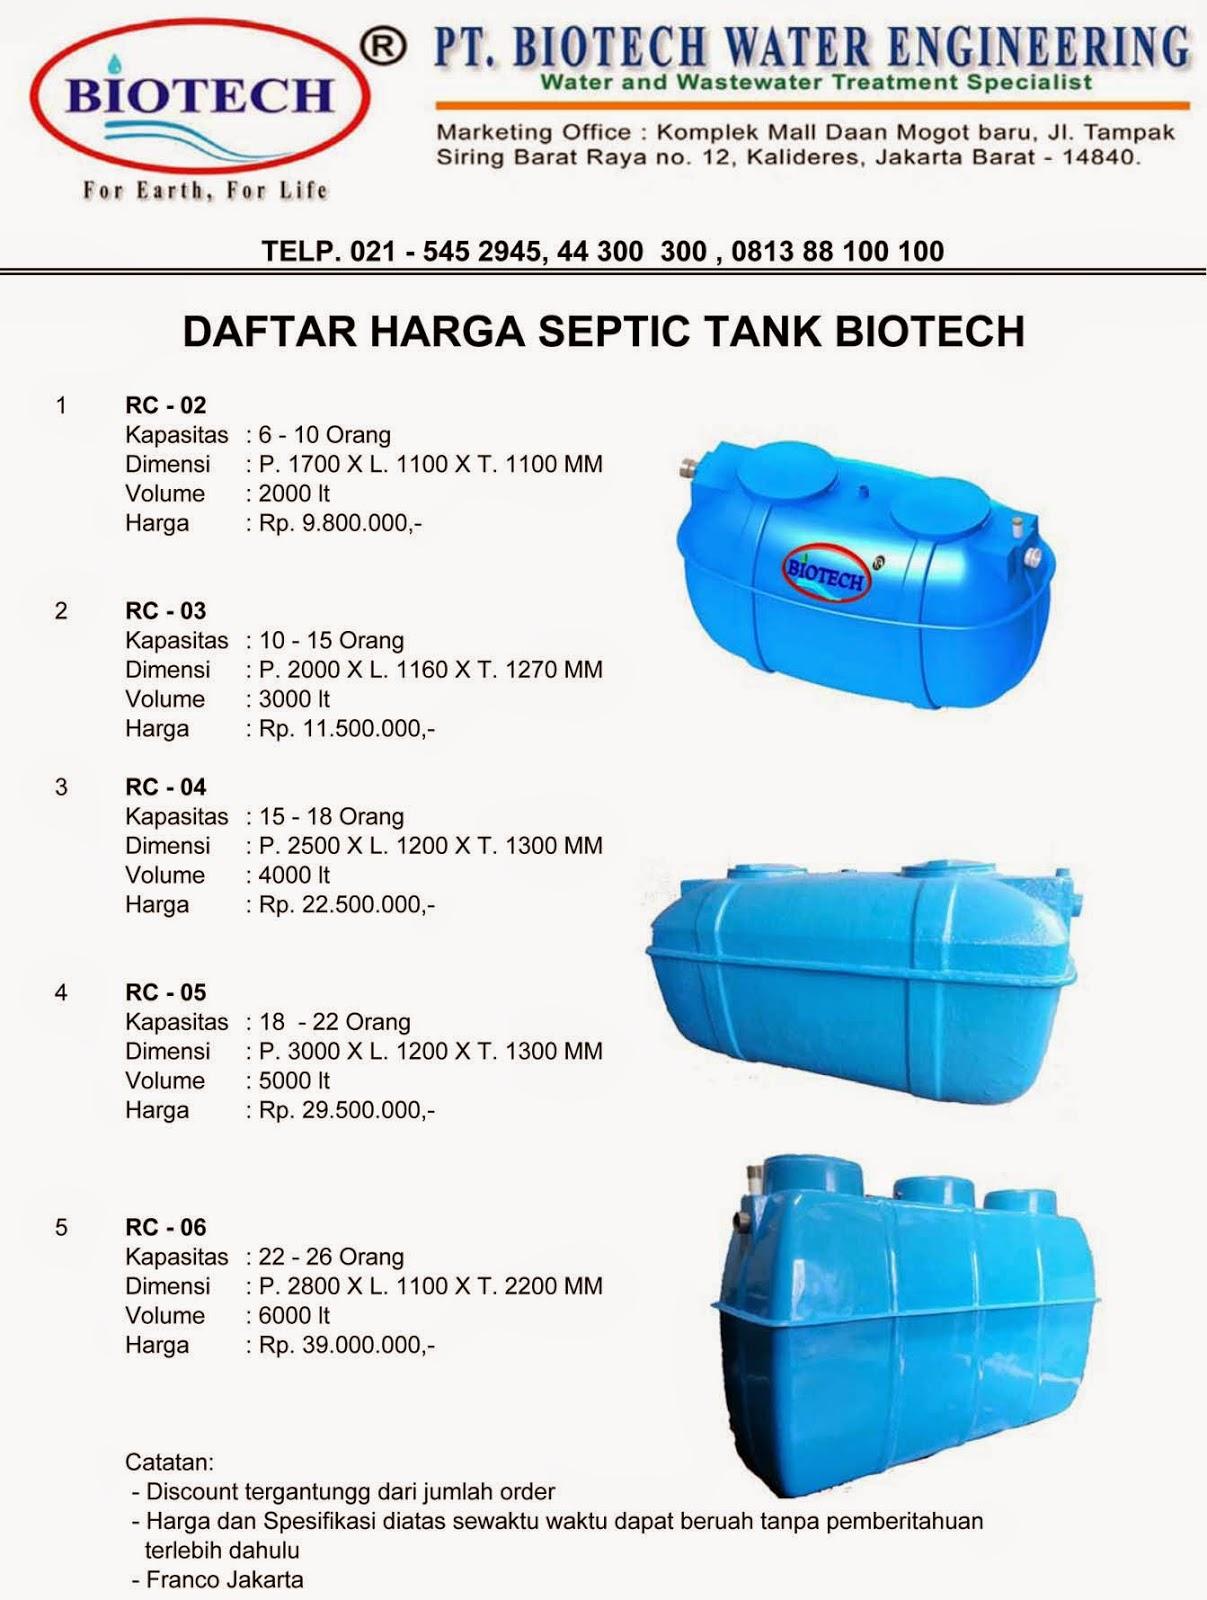 daftar harga septic tank biotech, price list, biofil, biofive, biogift, toilet portable fibreglass